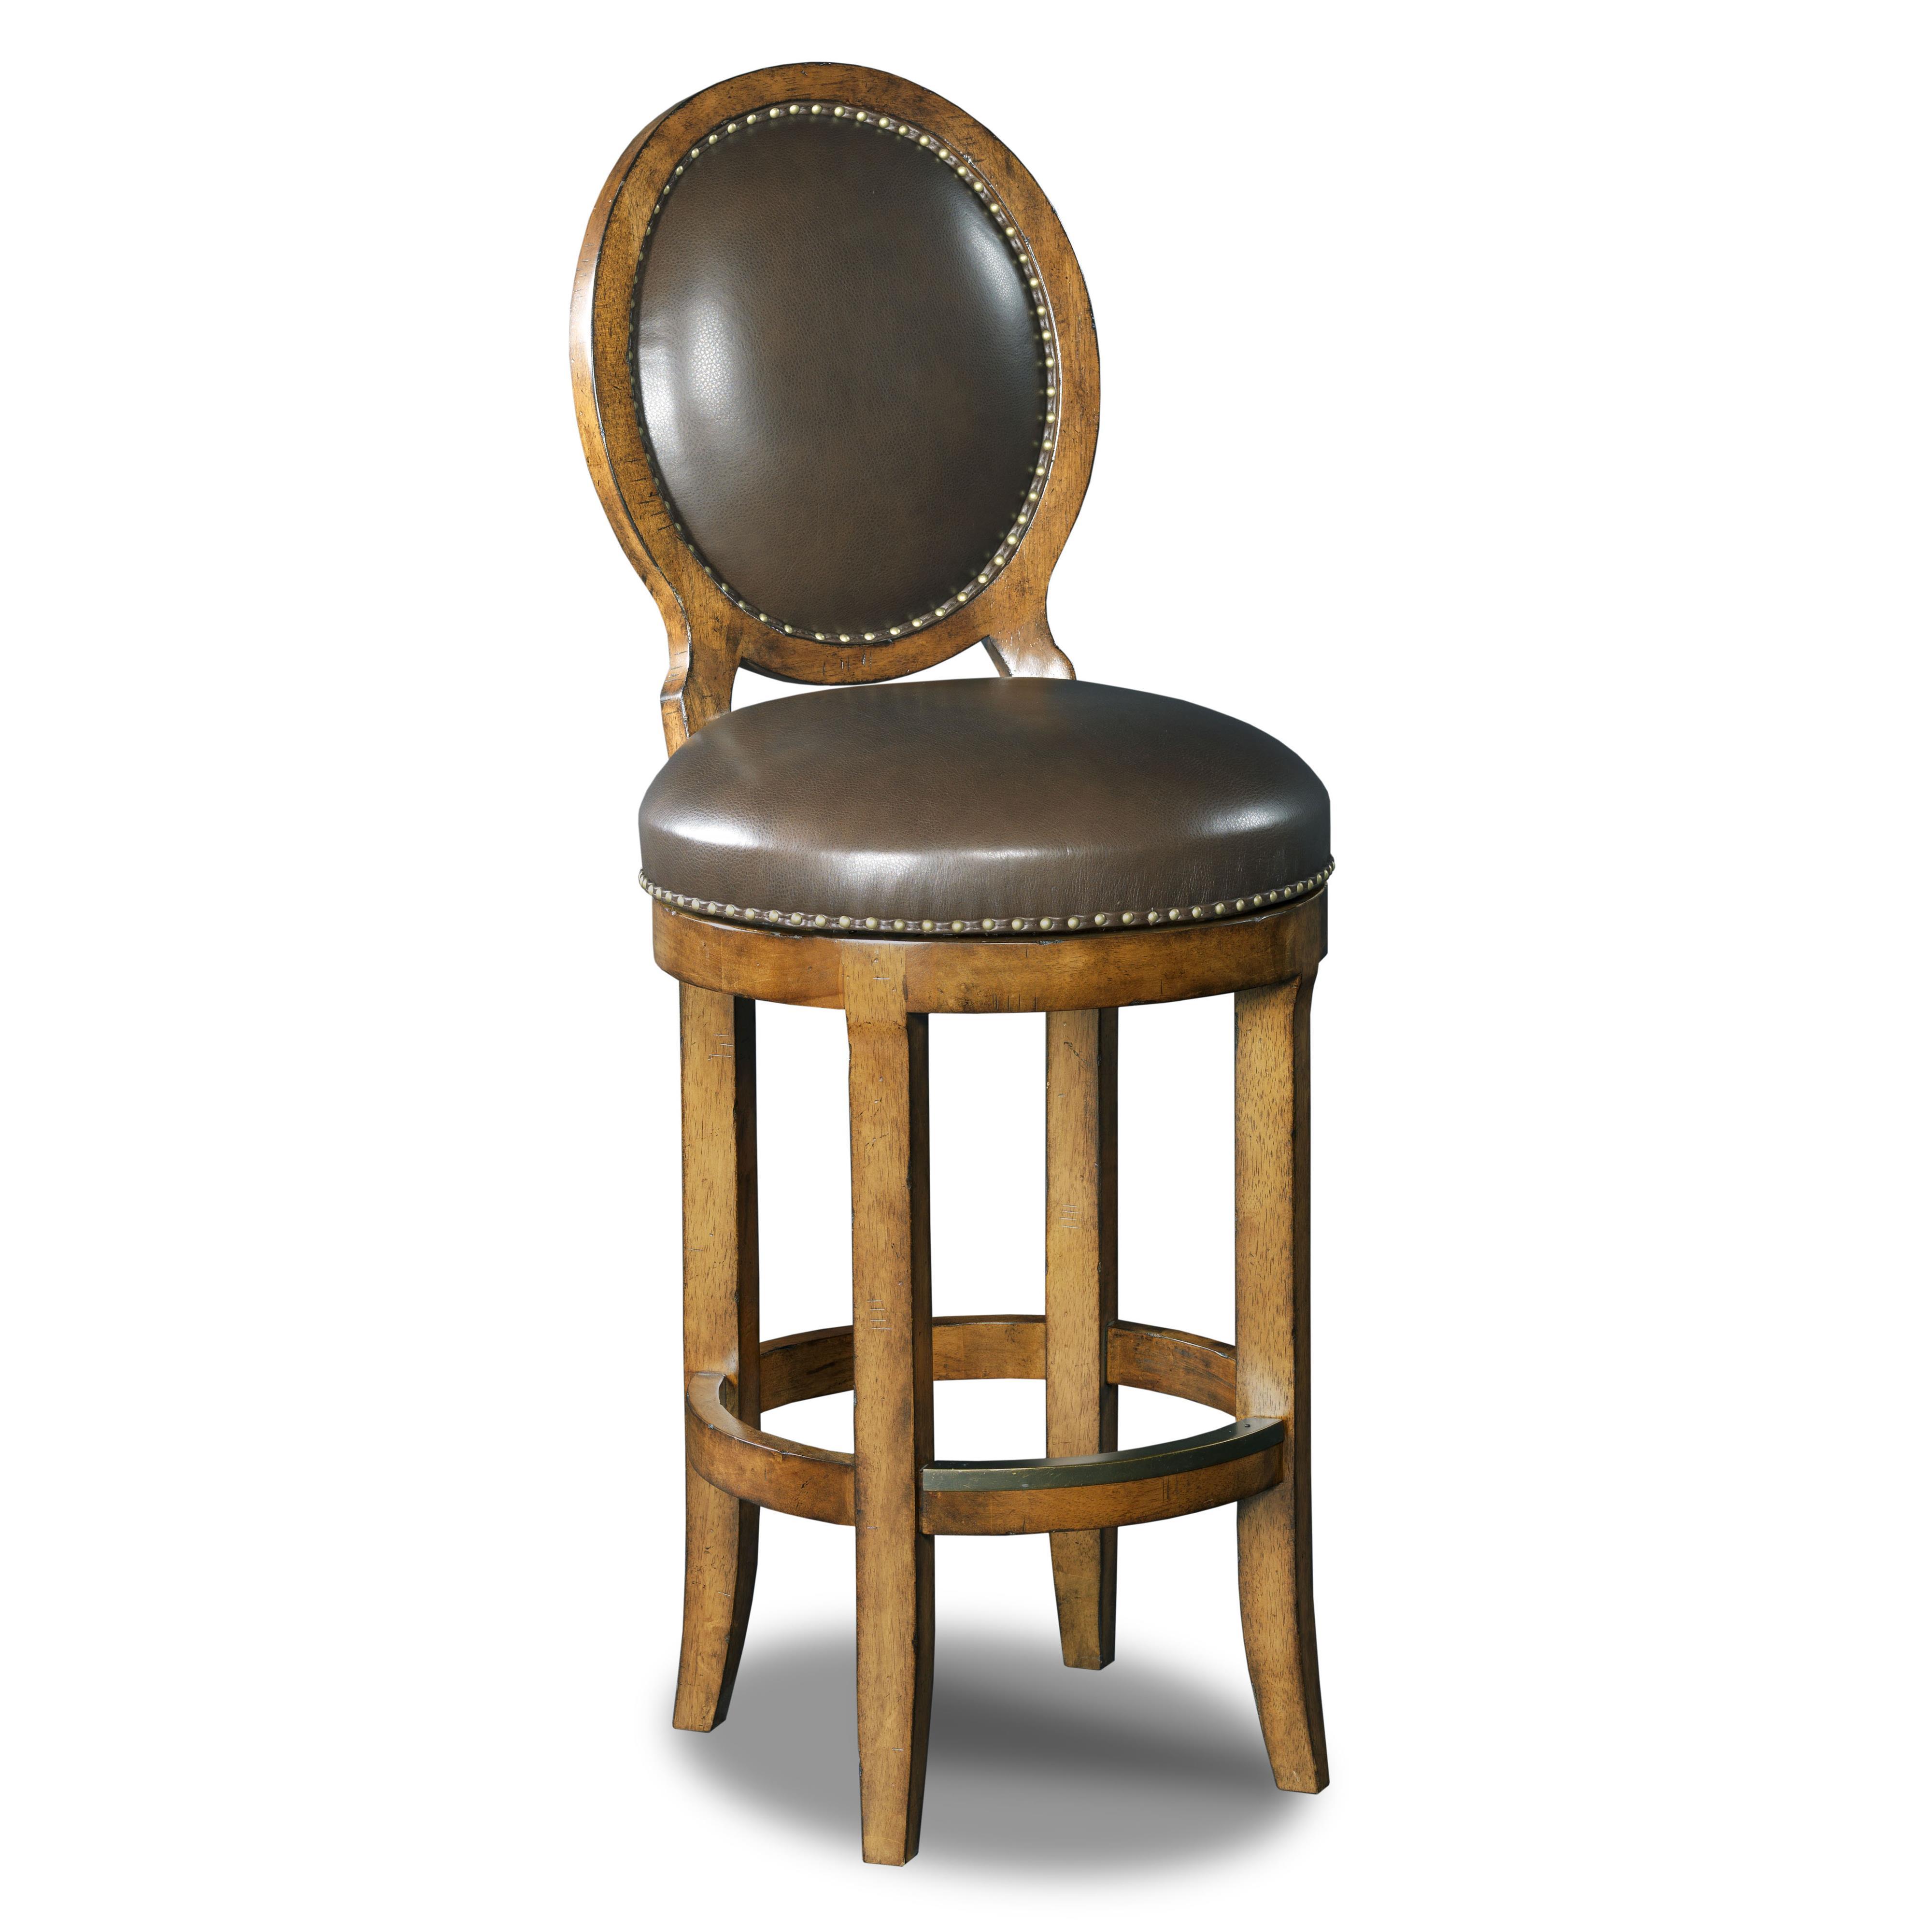 Hooker Furniture Stools Medium Mojito Oval Back Barstool - Item Number: 300-20003